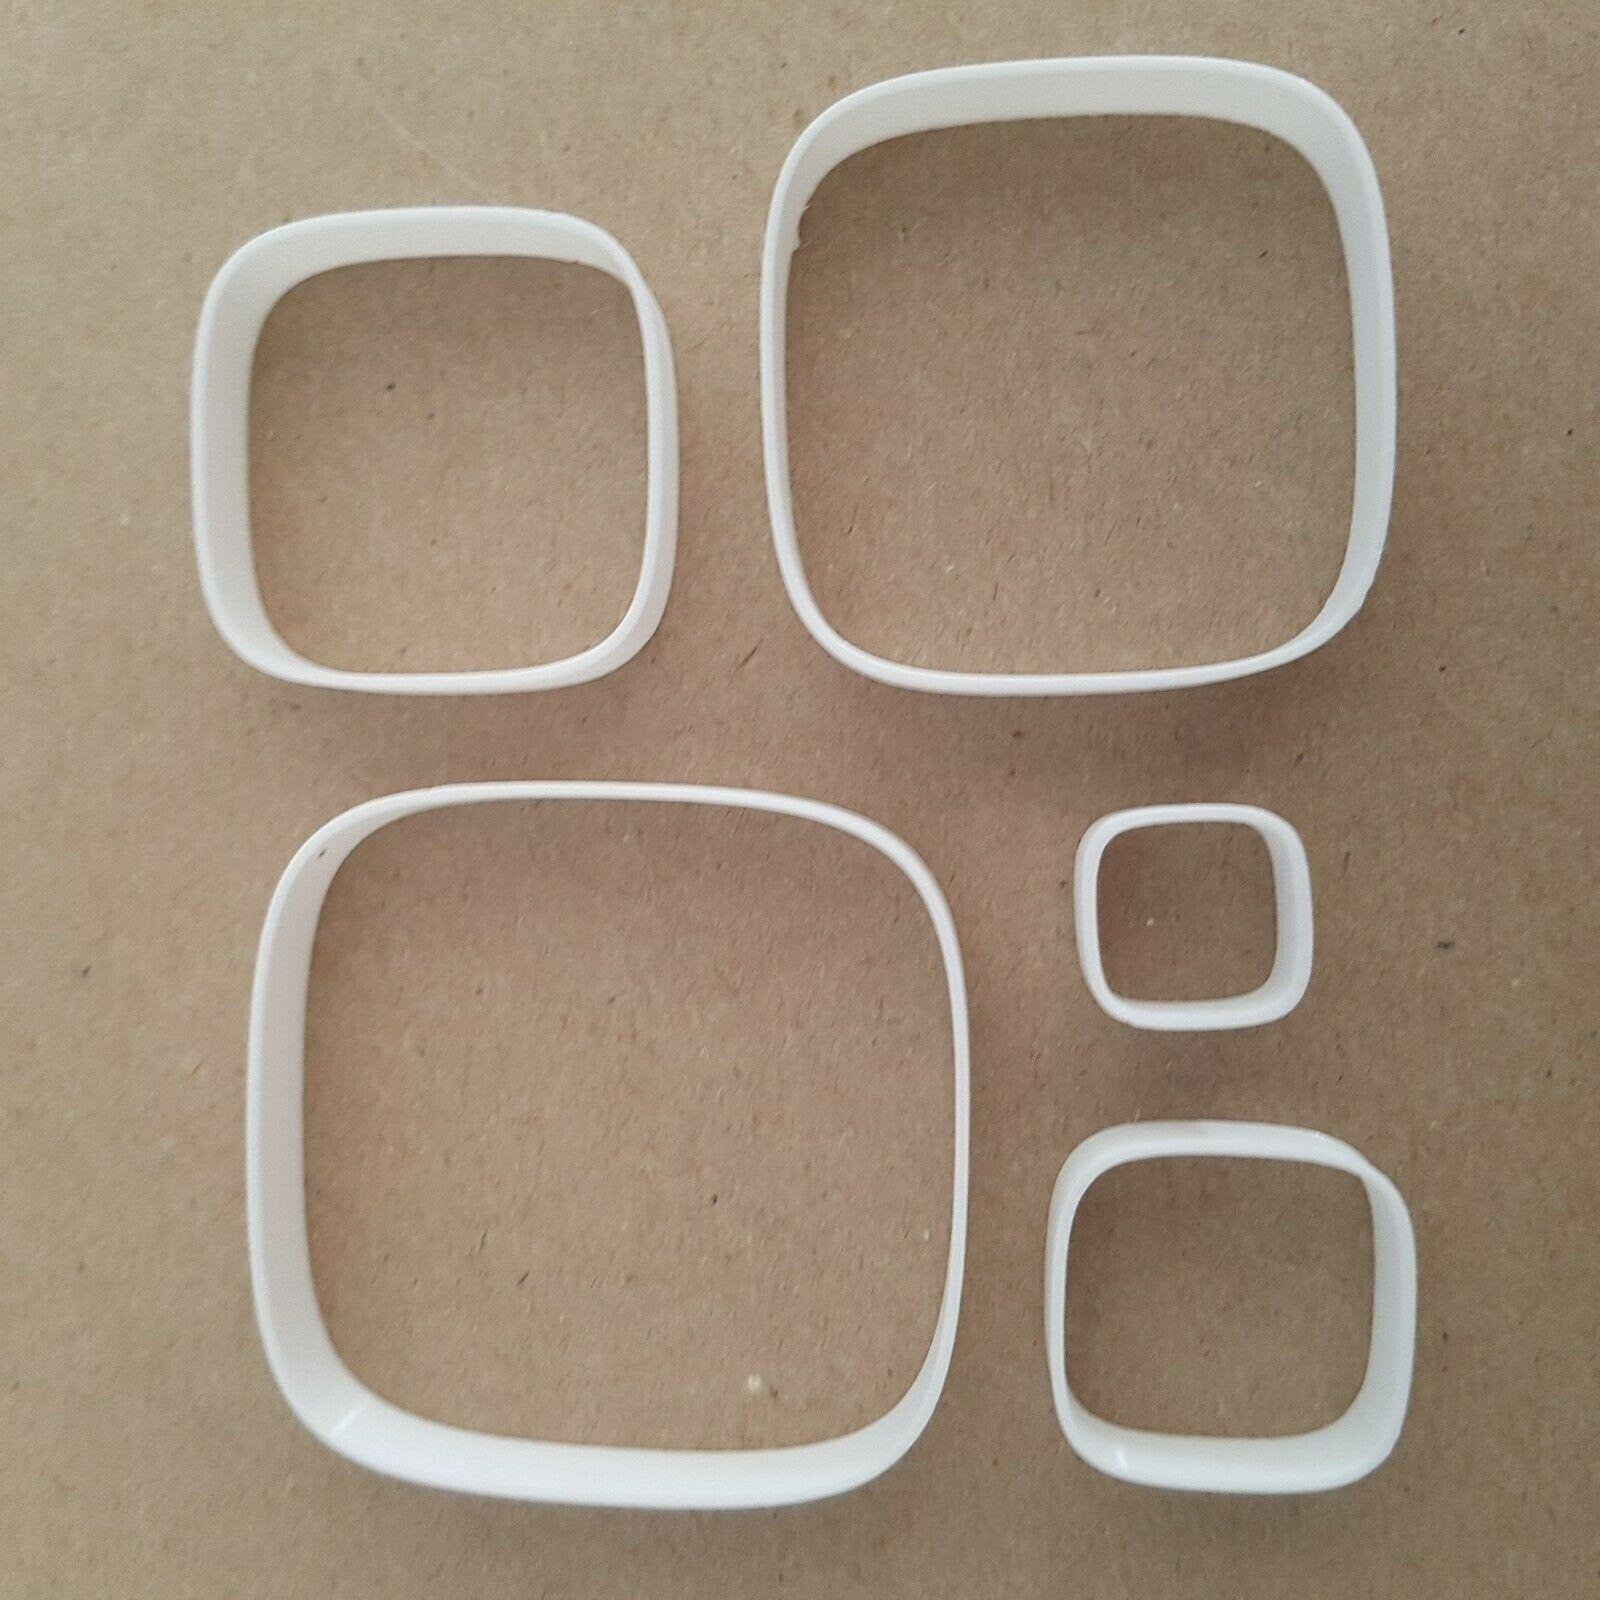 Shield Shape Mini Fondant Cutter Small Sugarcraft Icing